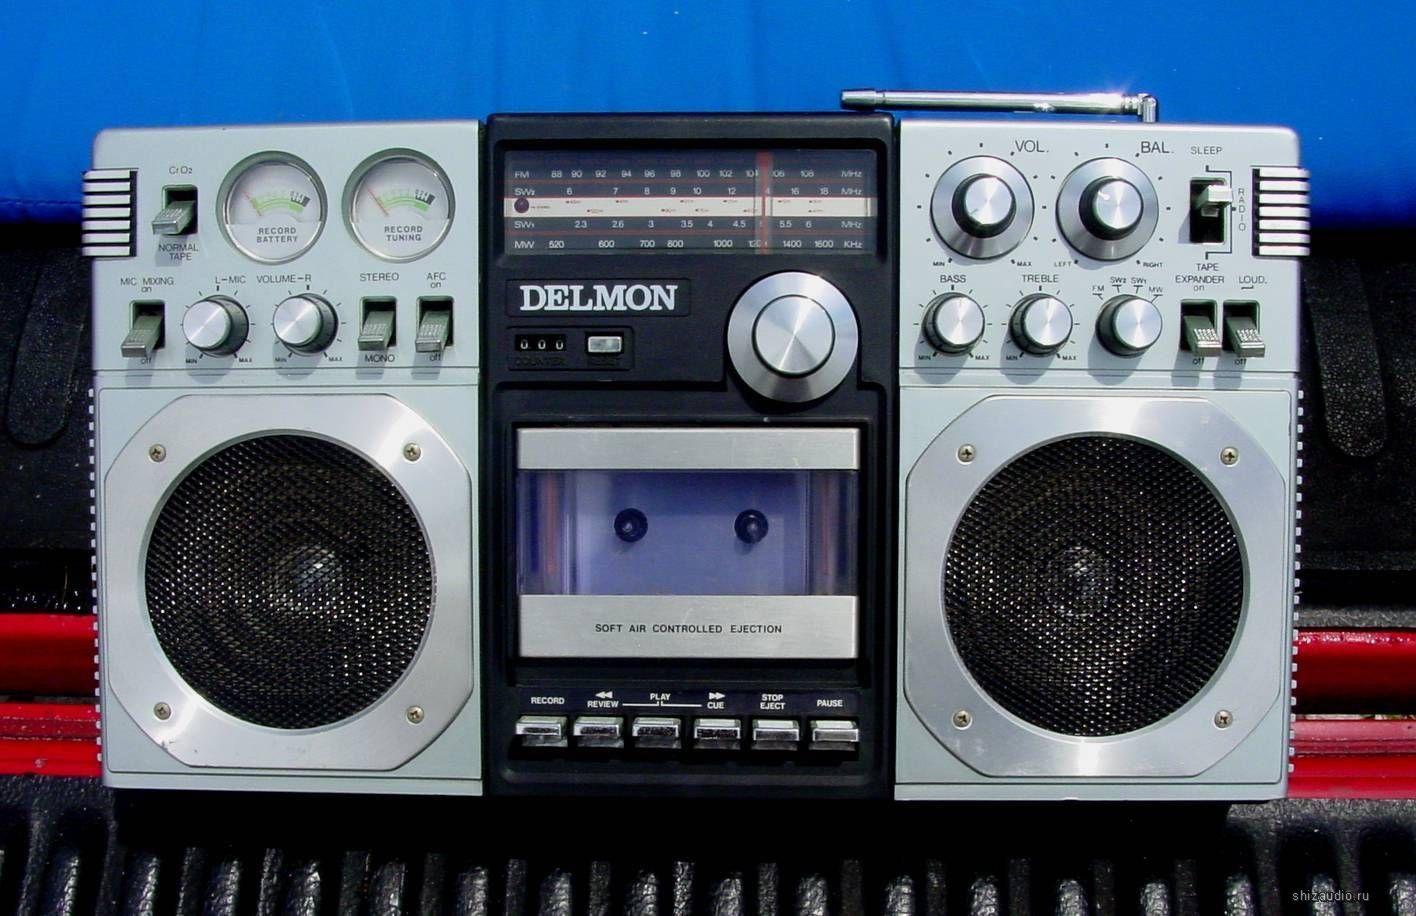 DELMON TR910